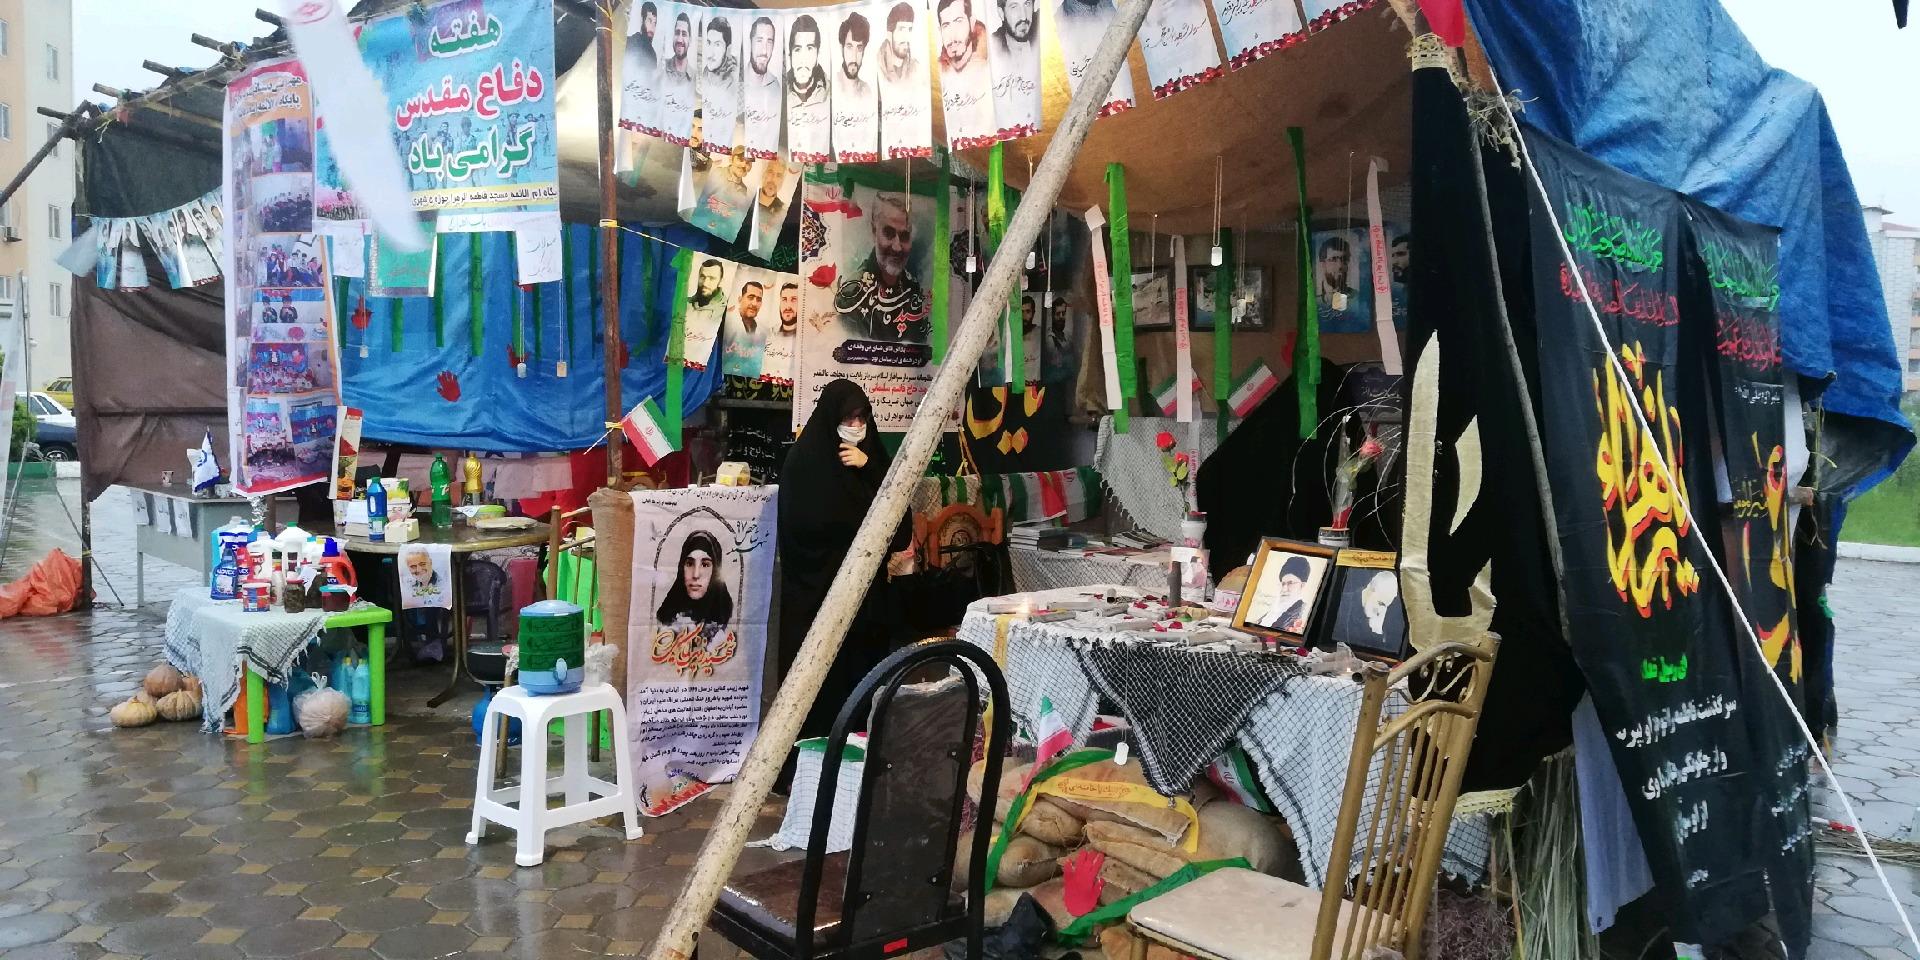 برپایی نمایشگاه فرهنگی در مسکن مهر رشت